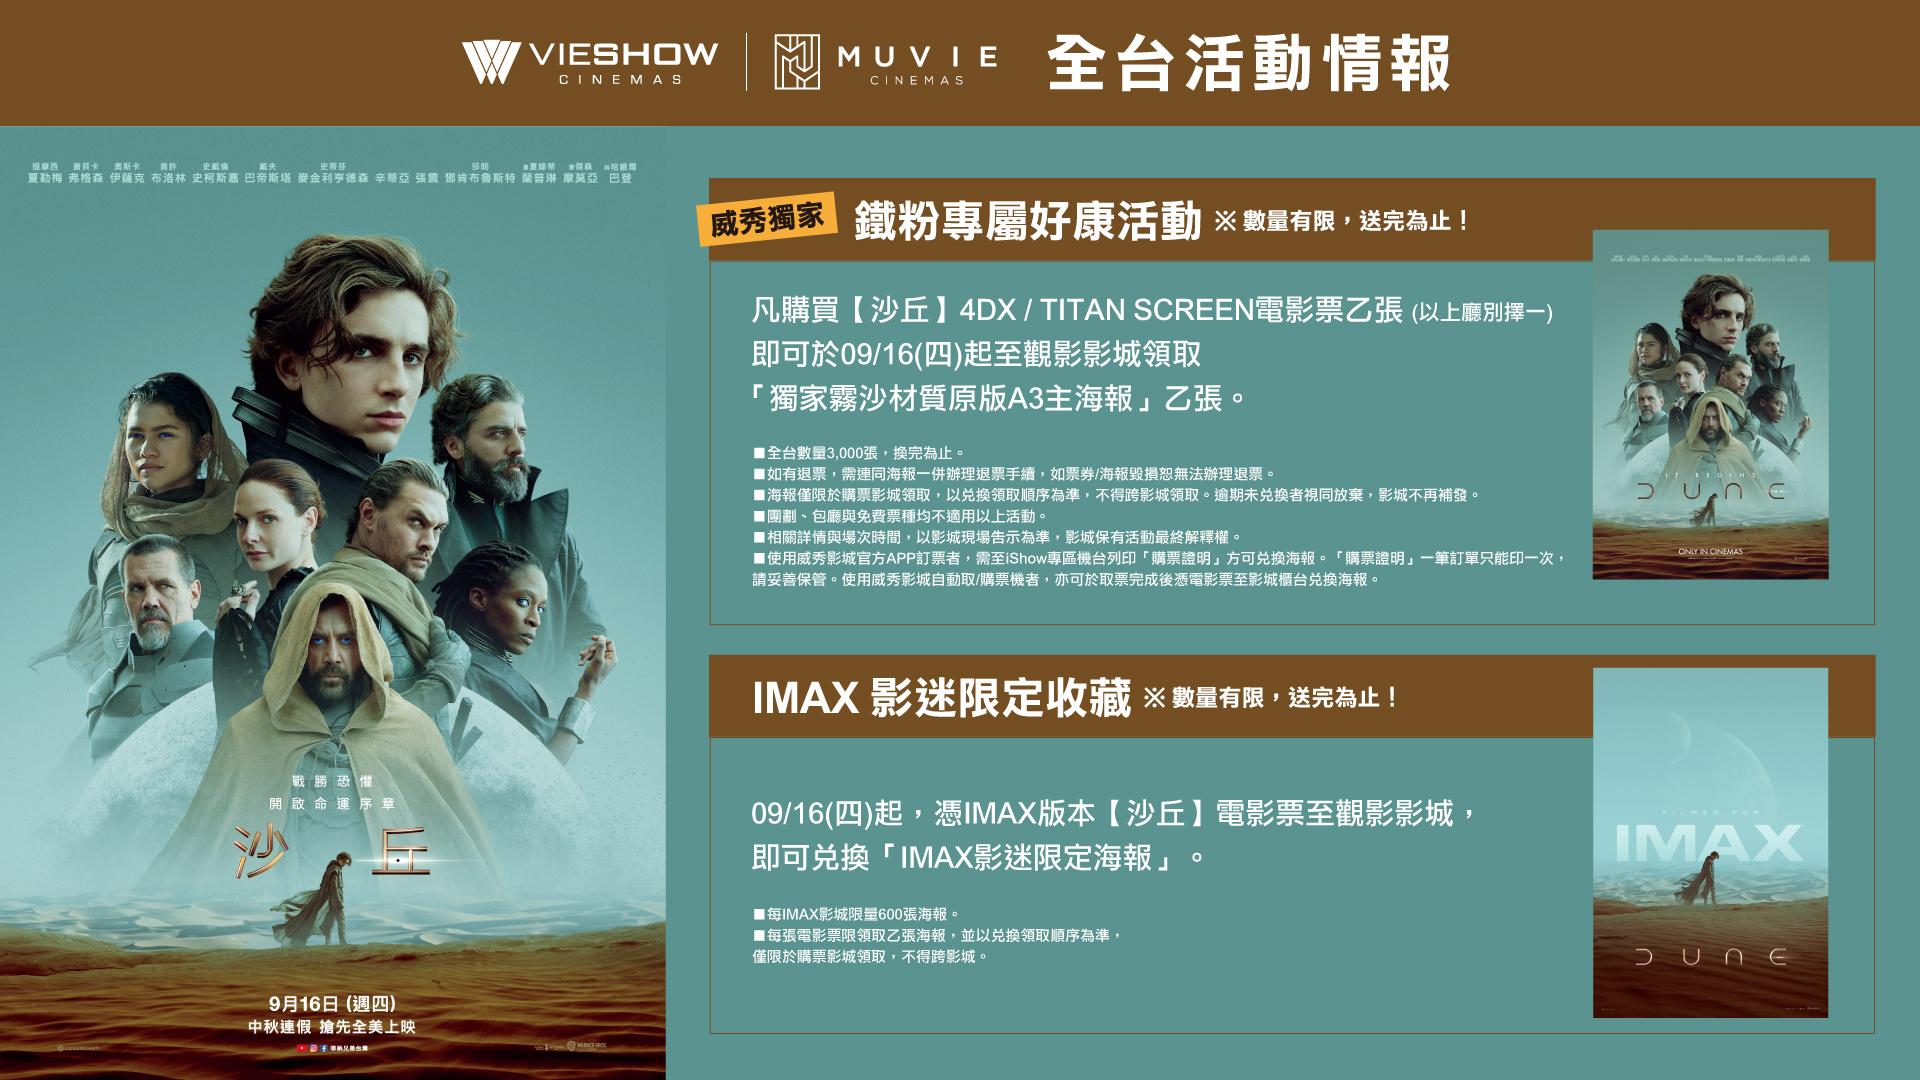 2021必進IMAX看的電影《沙丘》9/16中秋檔期上映~超越想像的視聽震撼!